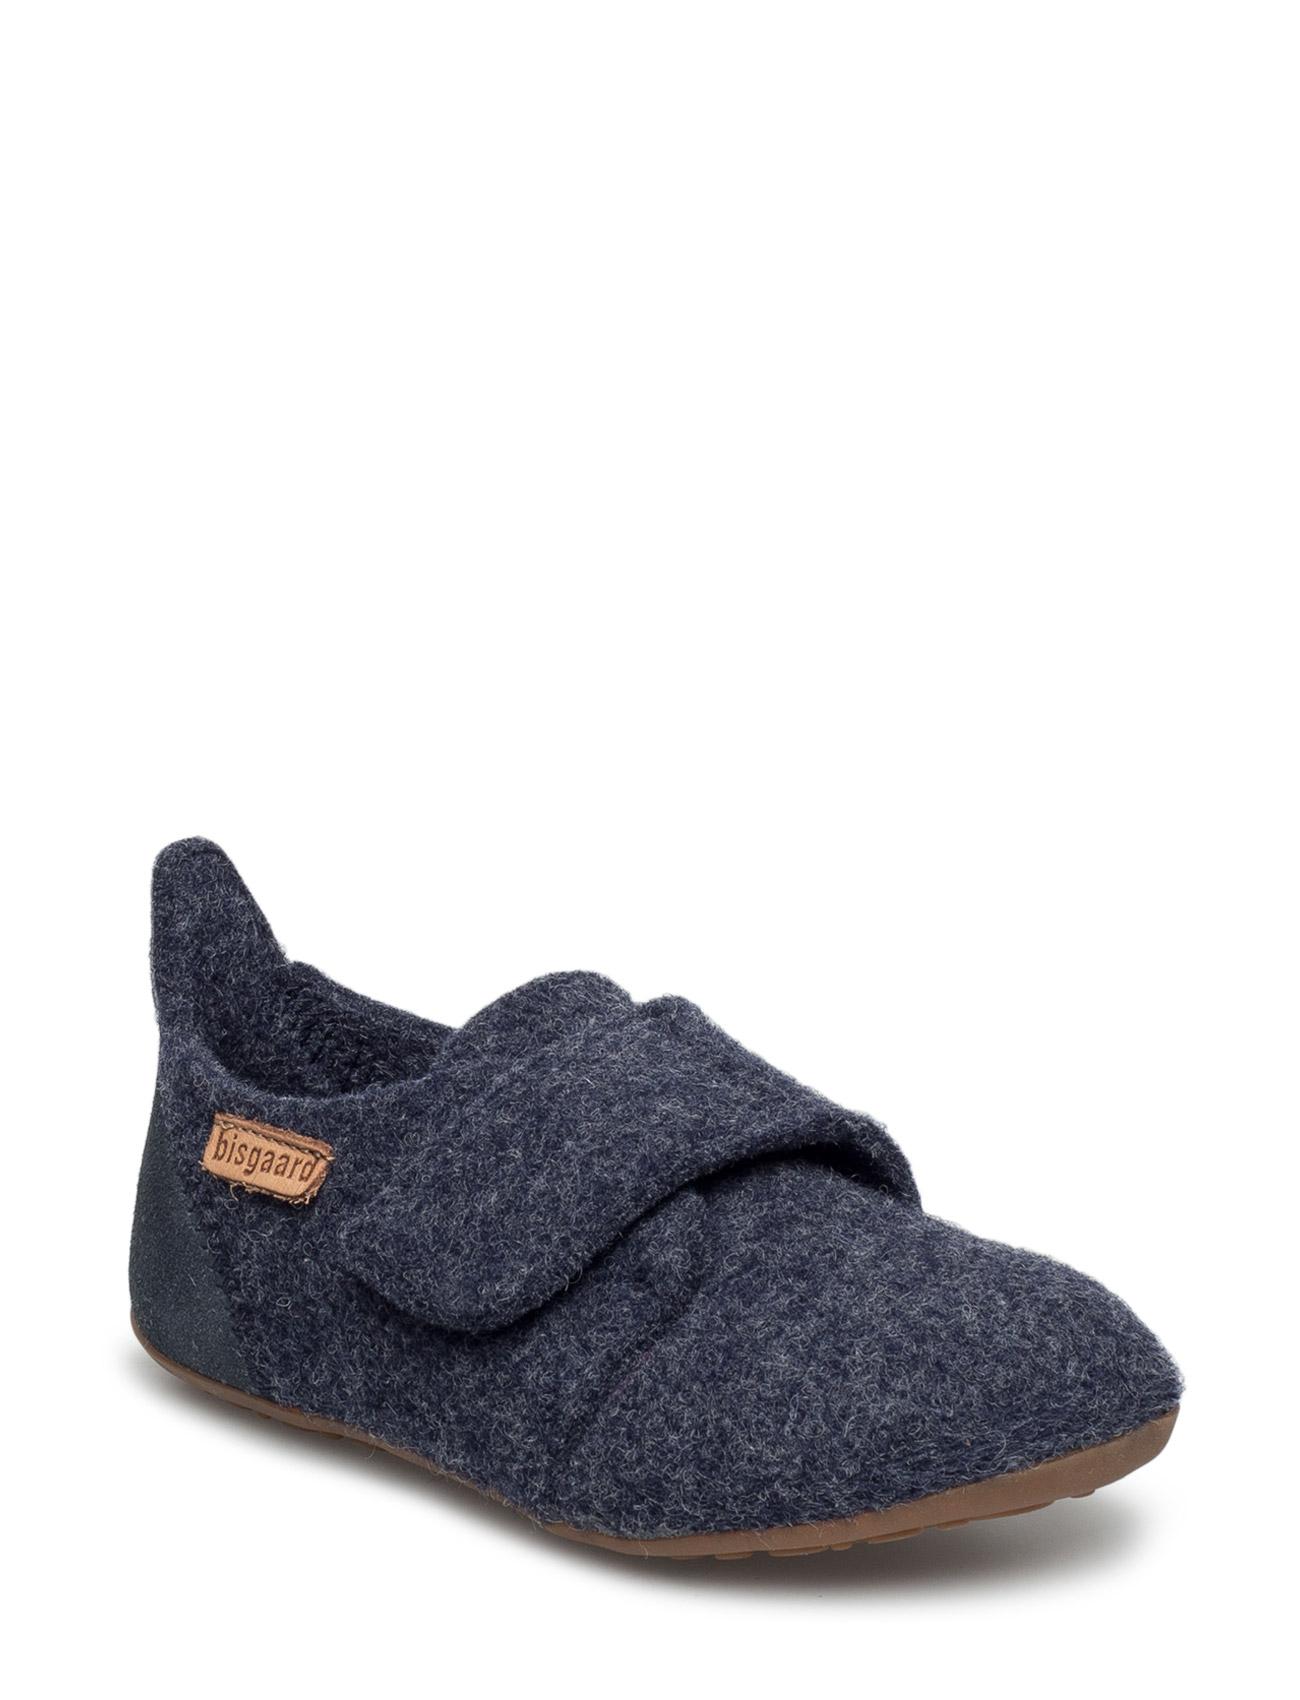 Home Shoe -  Wool Velcro Bisgaard Hjemmesko til Børn i Blå